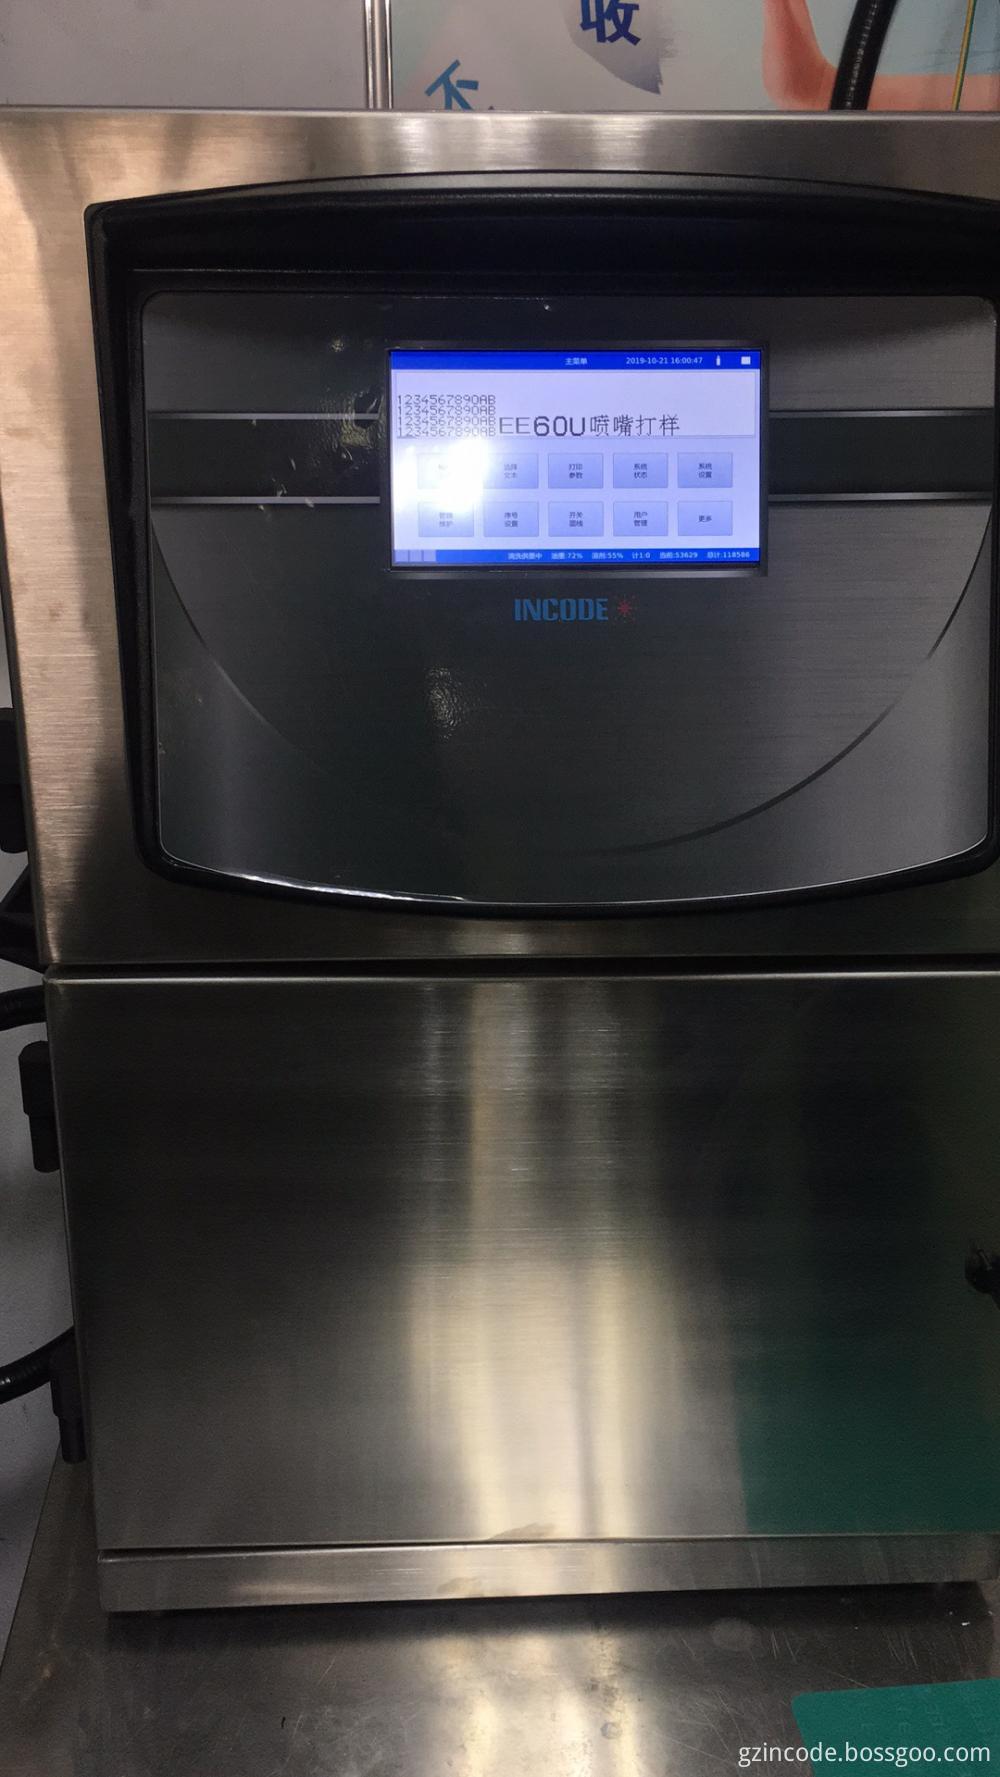 Industrial Inkjet Coding Printer